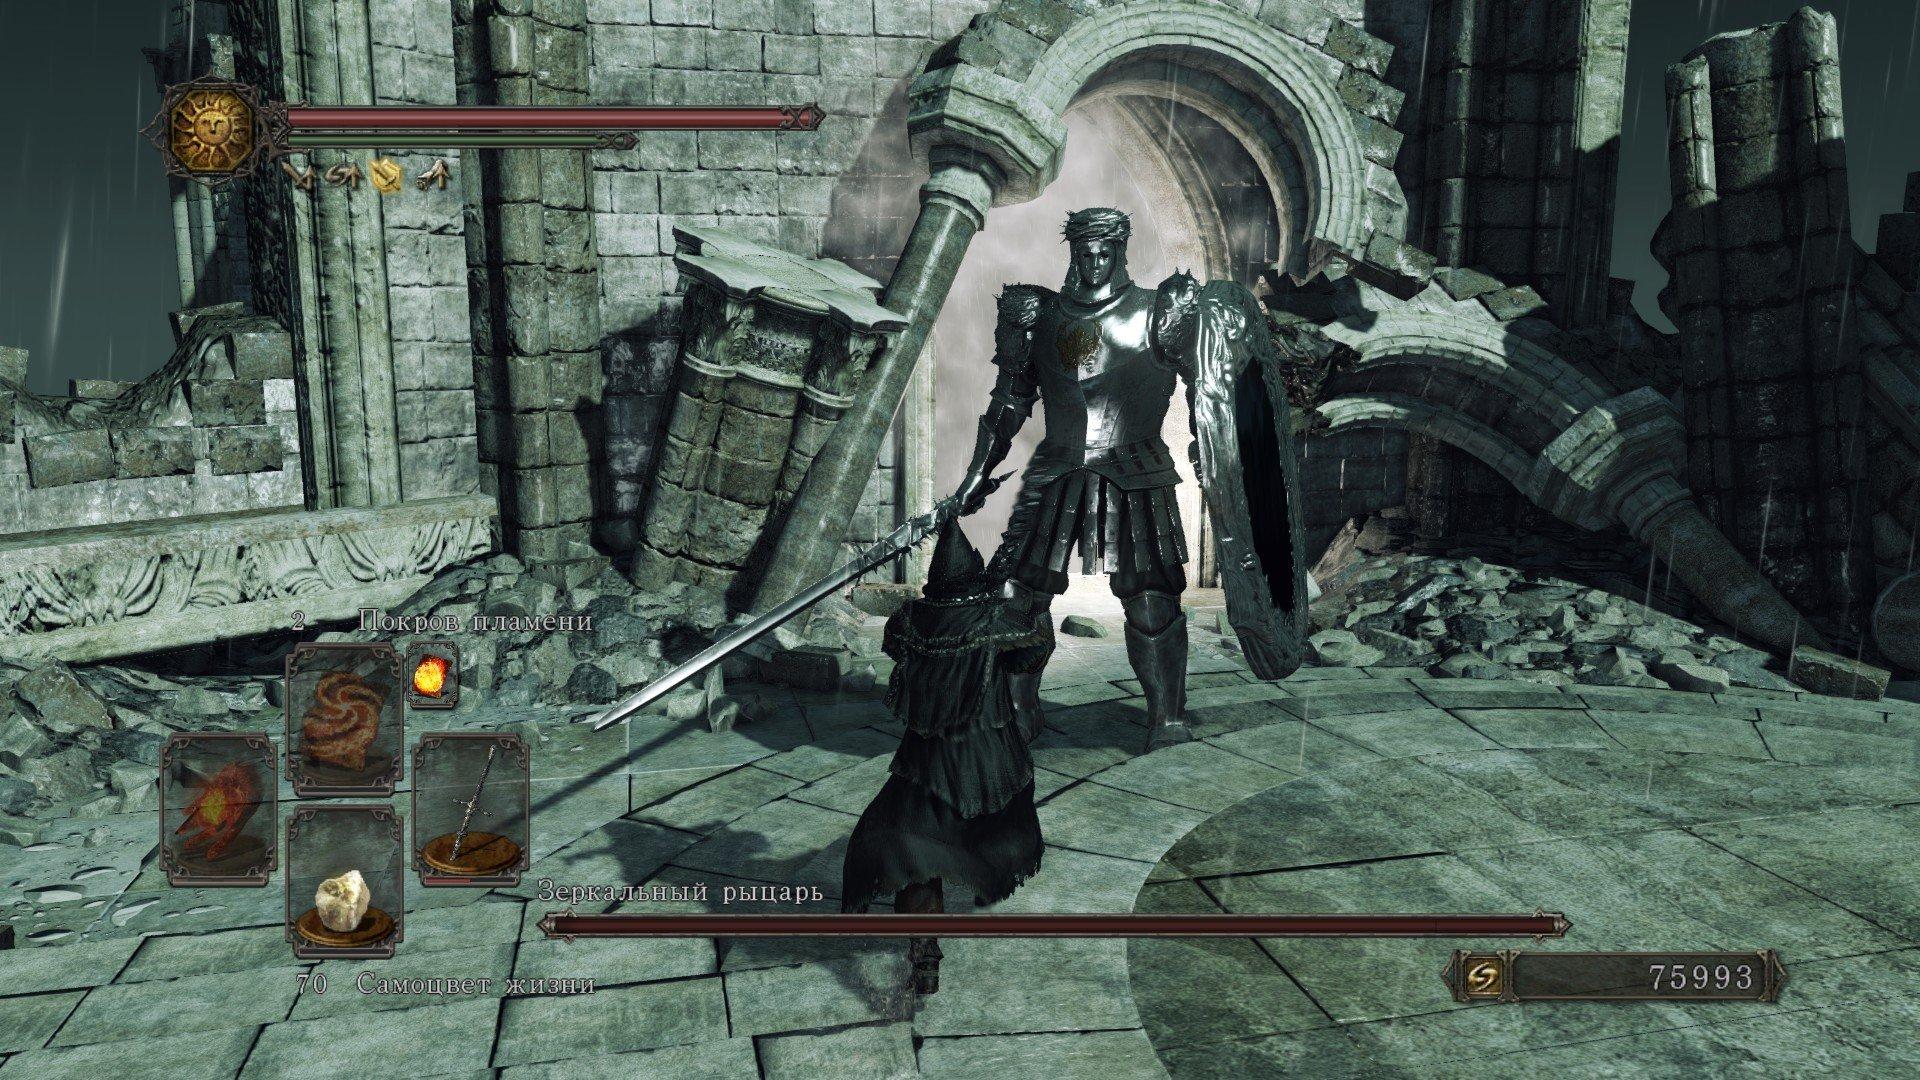 Вопль-прохождение Dark Souls 2 ... получилось много скриншотов -_- - Изображение 8